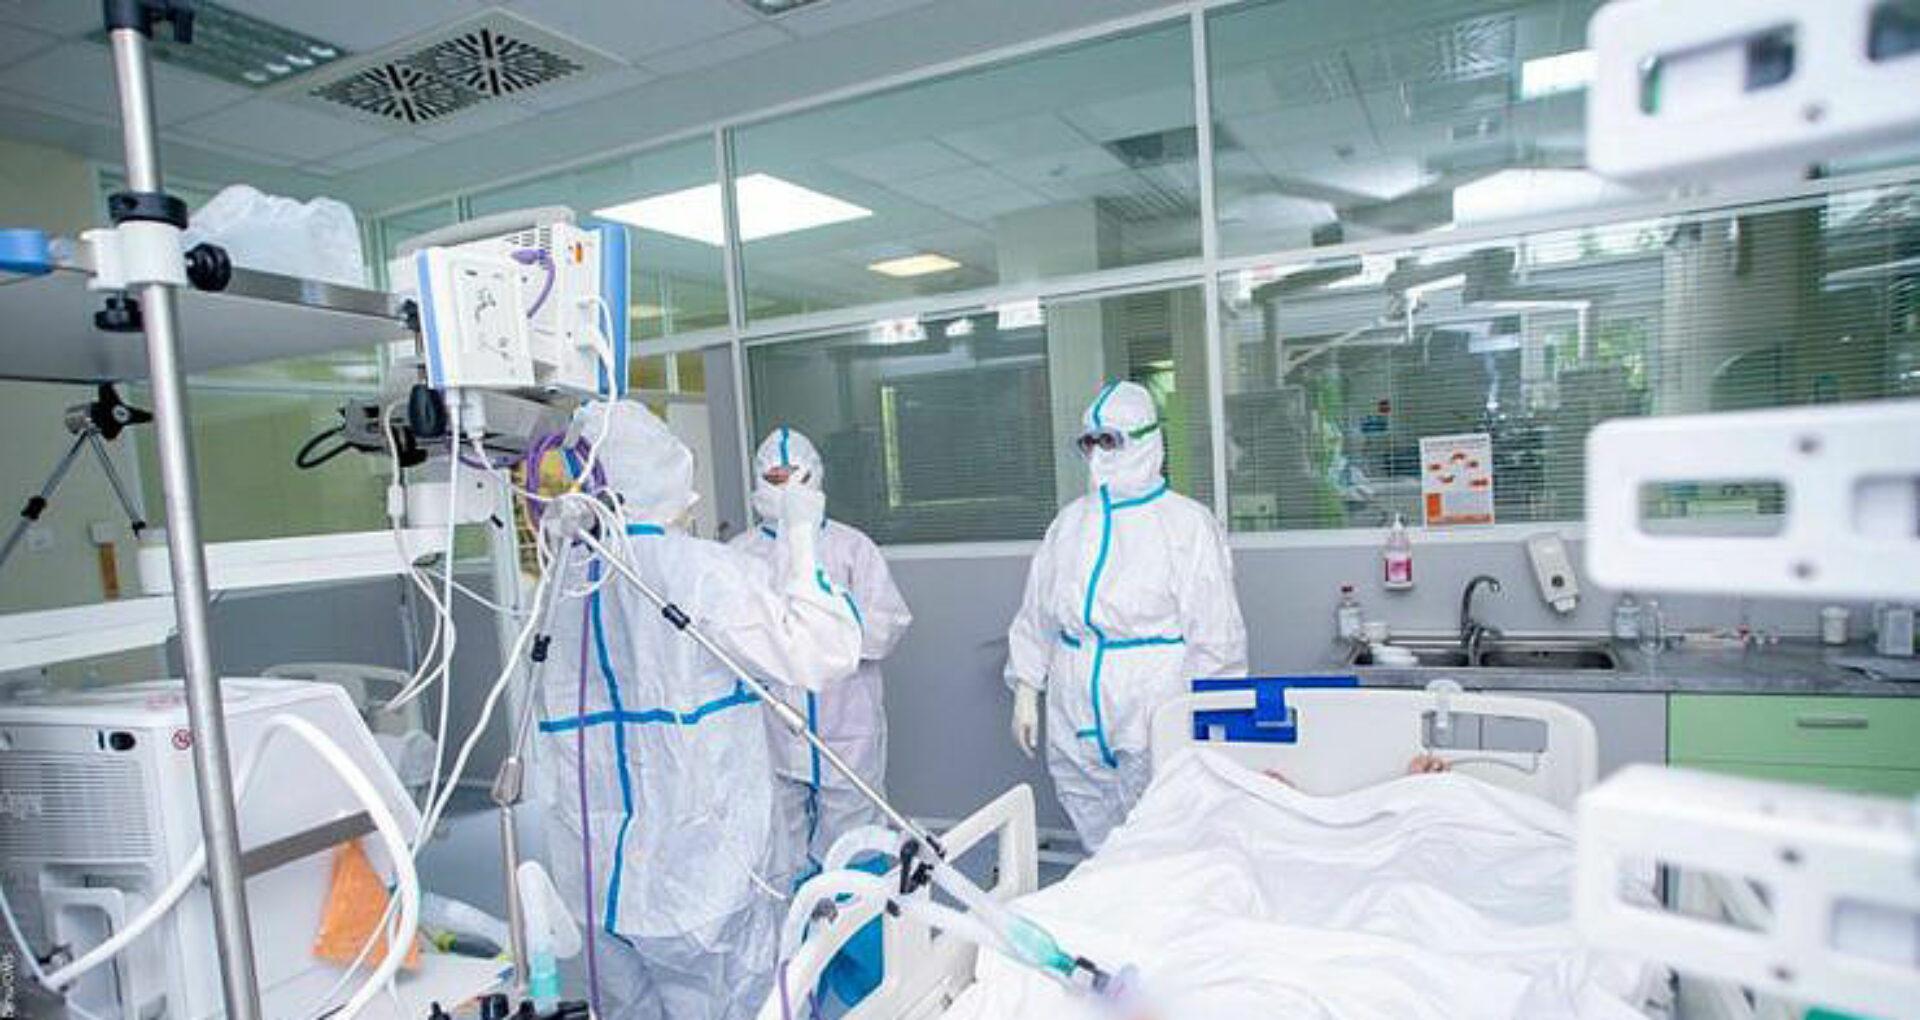 Alte 17 cazuri de deces în urma infecției de COVID-19 înregistrate în Moldova. Bilanțul total se apropie de 1500